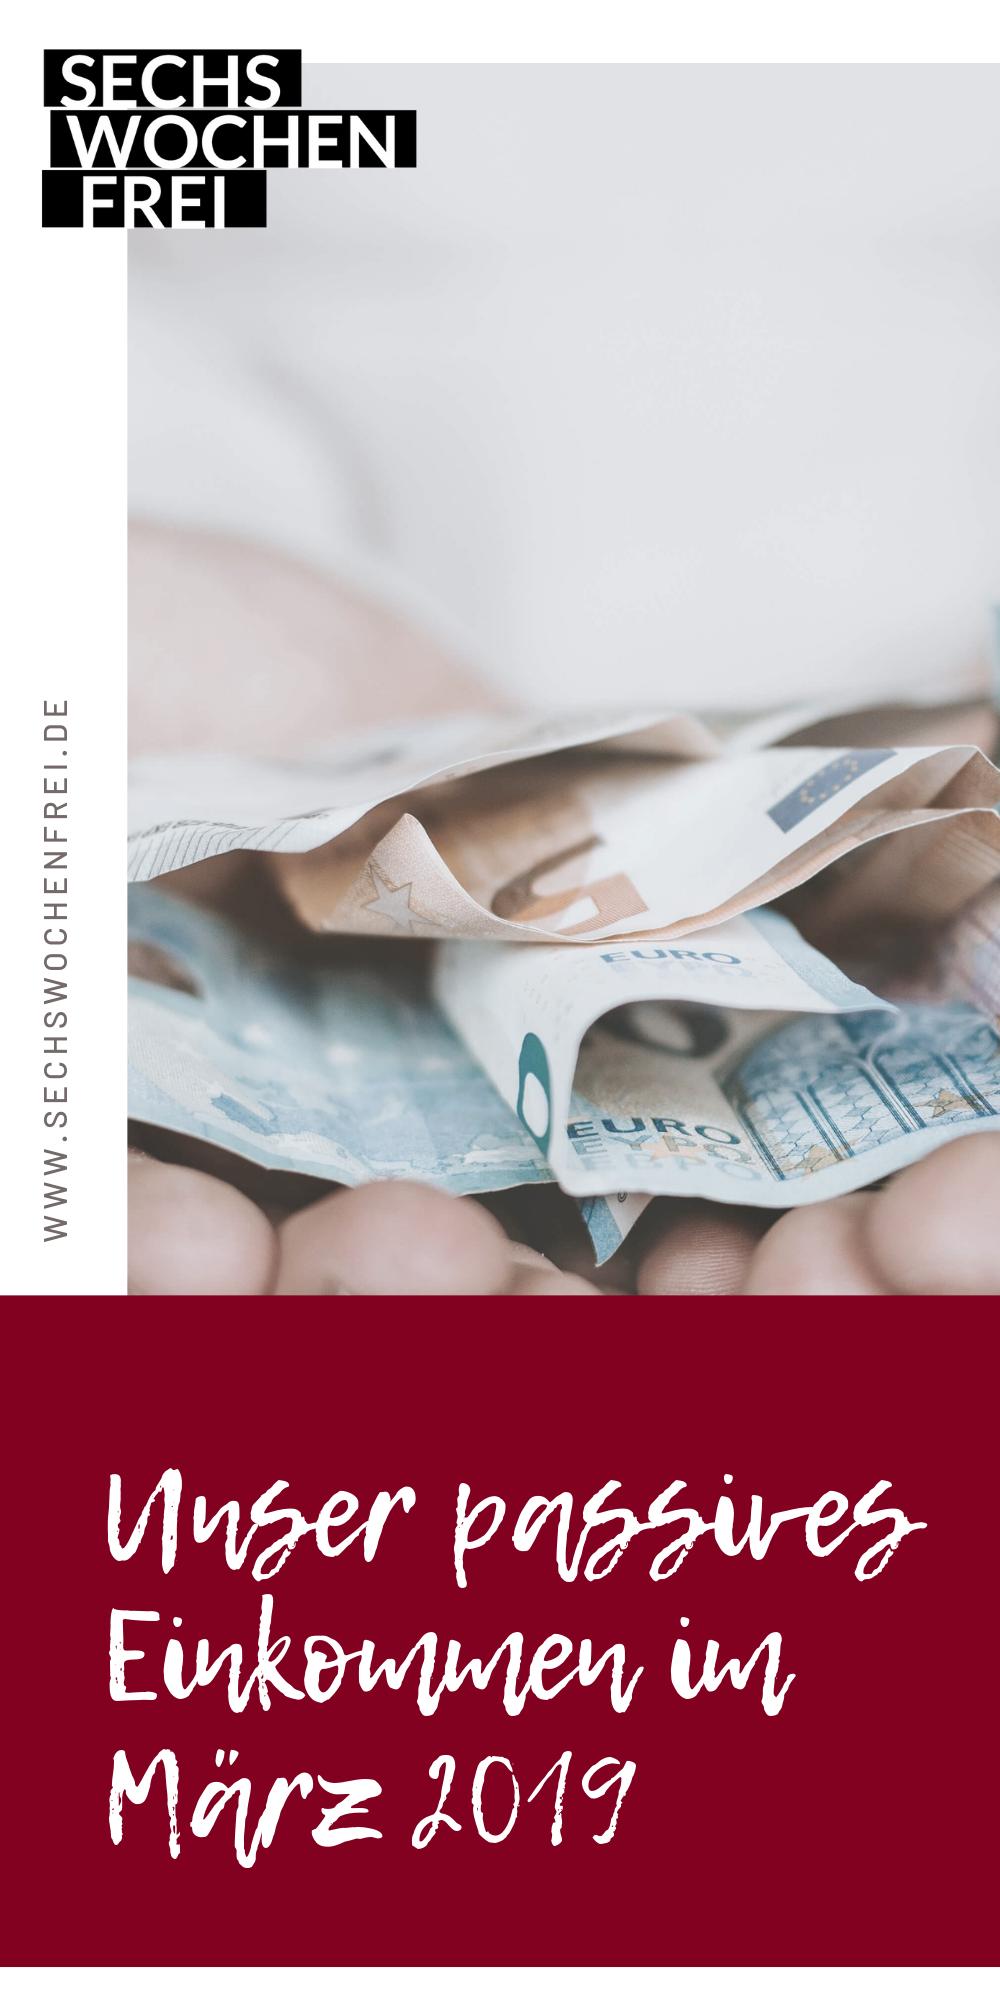 Vermogensaufbau Durch Passives Einkommen Das Sind Unsere Einkommenquellen Im Marz 2019 Passives Einkommen Vermogensaufbau Und Online Geld Verdienen